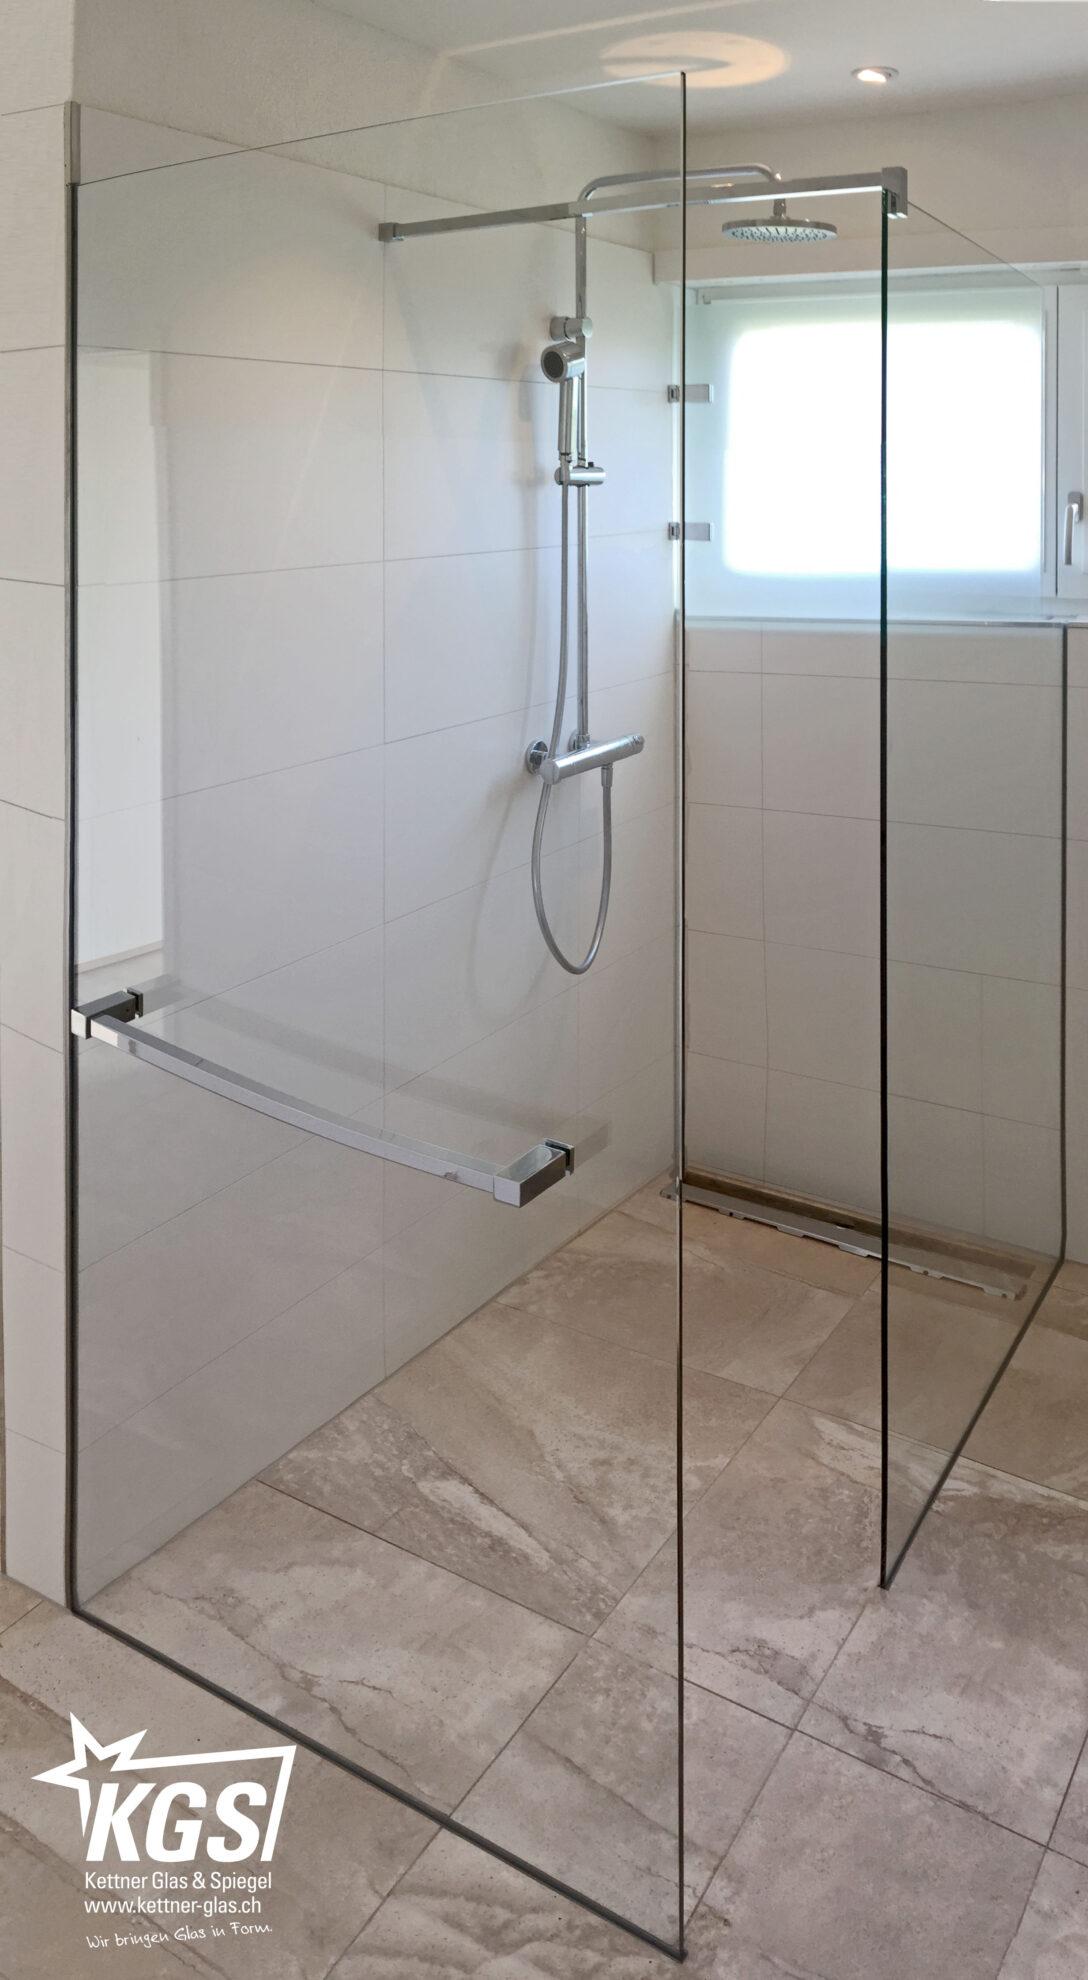 Large Size of Glastrennwand Dusche Glastrennwnde Duschtrennwnde Aus Klarglas Auch Showerguard Glas Koralle Ebenerdige Kosten Behindertengerechte Kleine Bäder Mit Bluetooth Dusche Glastrennwand Dusche